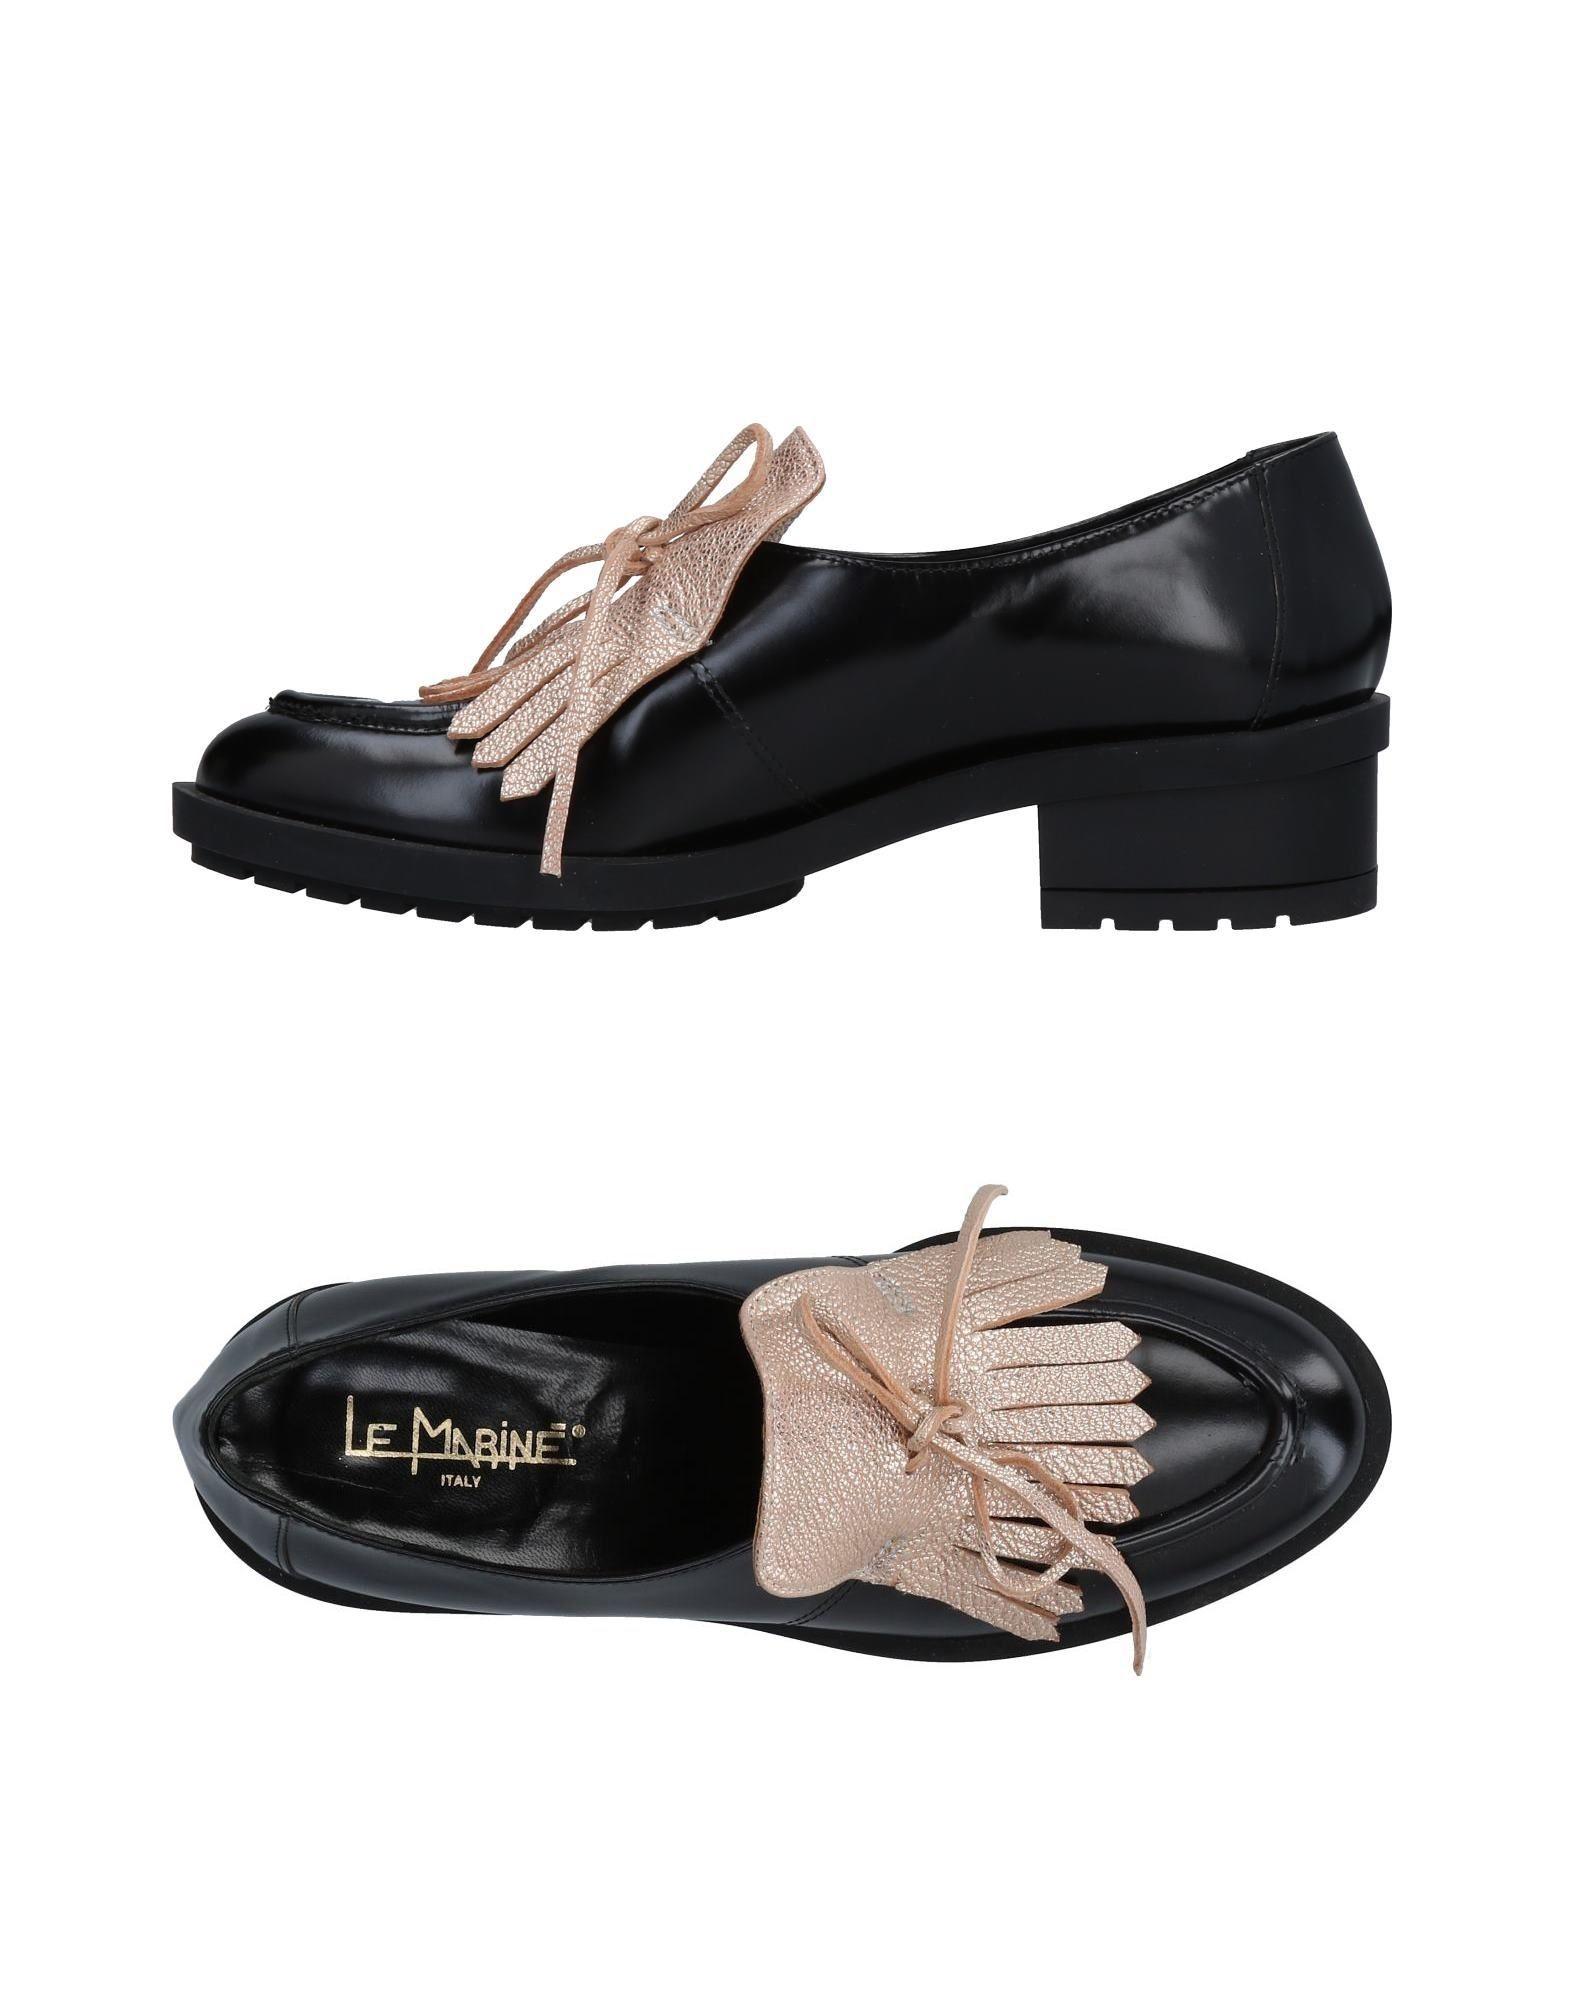 Le Marinē Mokassins Damen 11486131TB beliebte Gute Qualität beliebte 11486131TB Schuhe c7fcd8